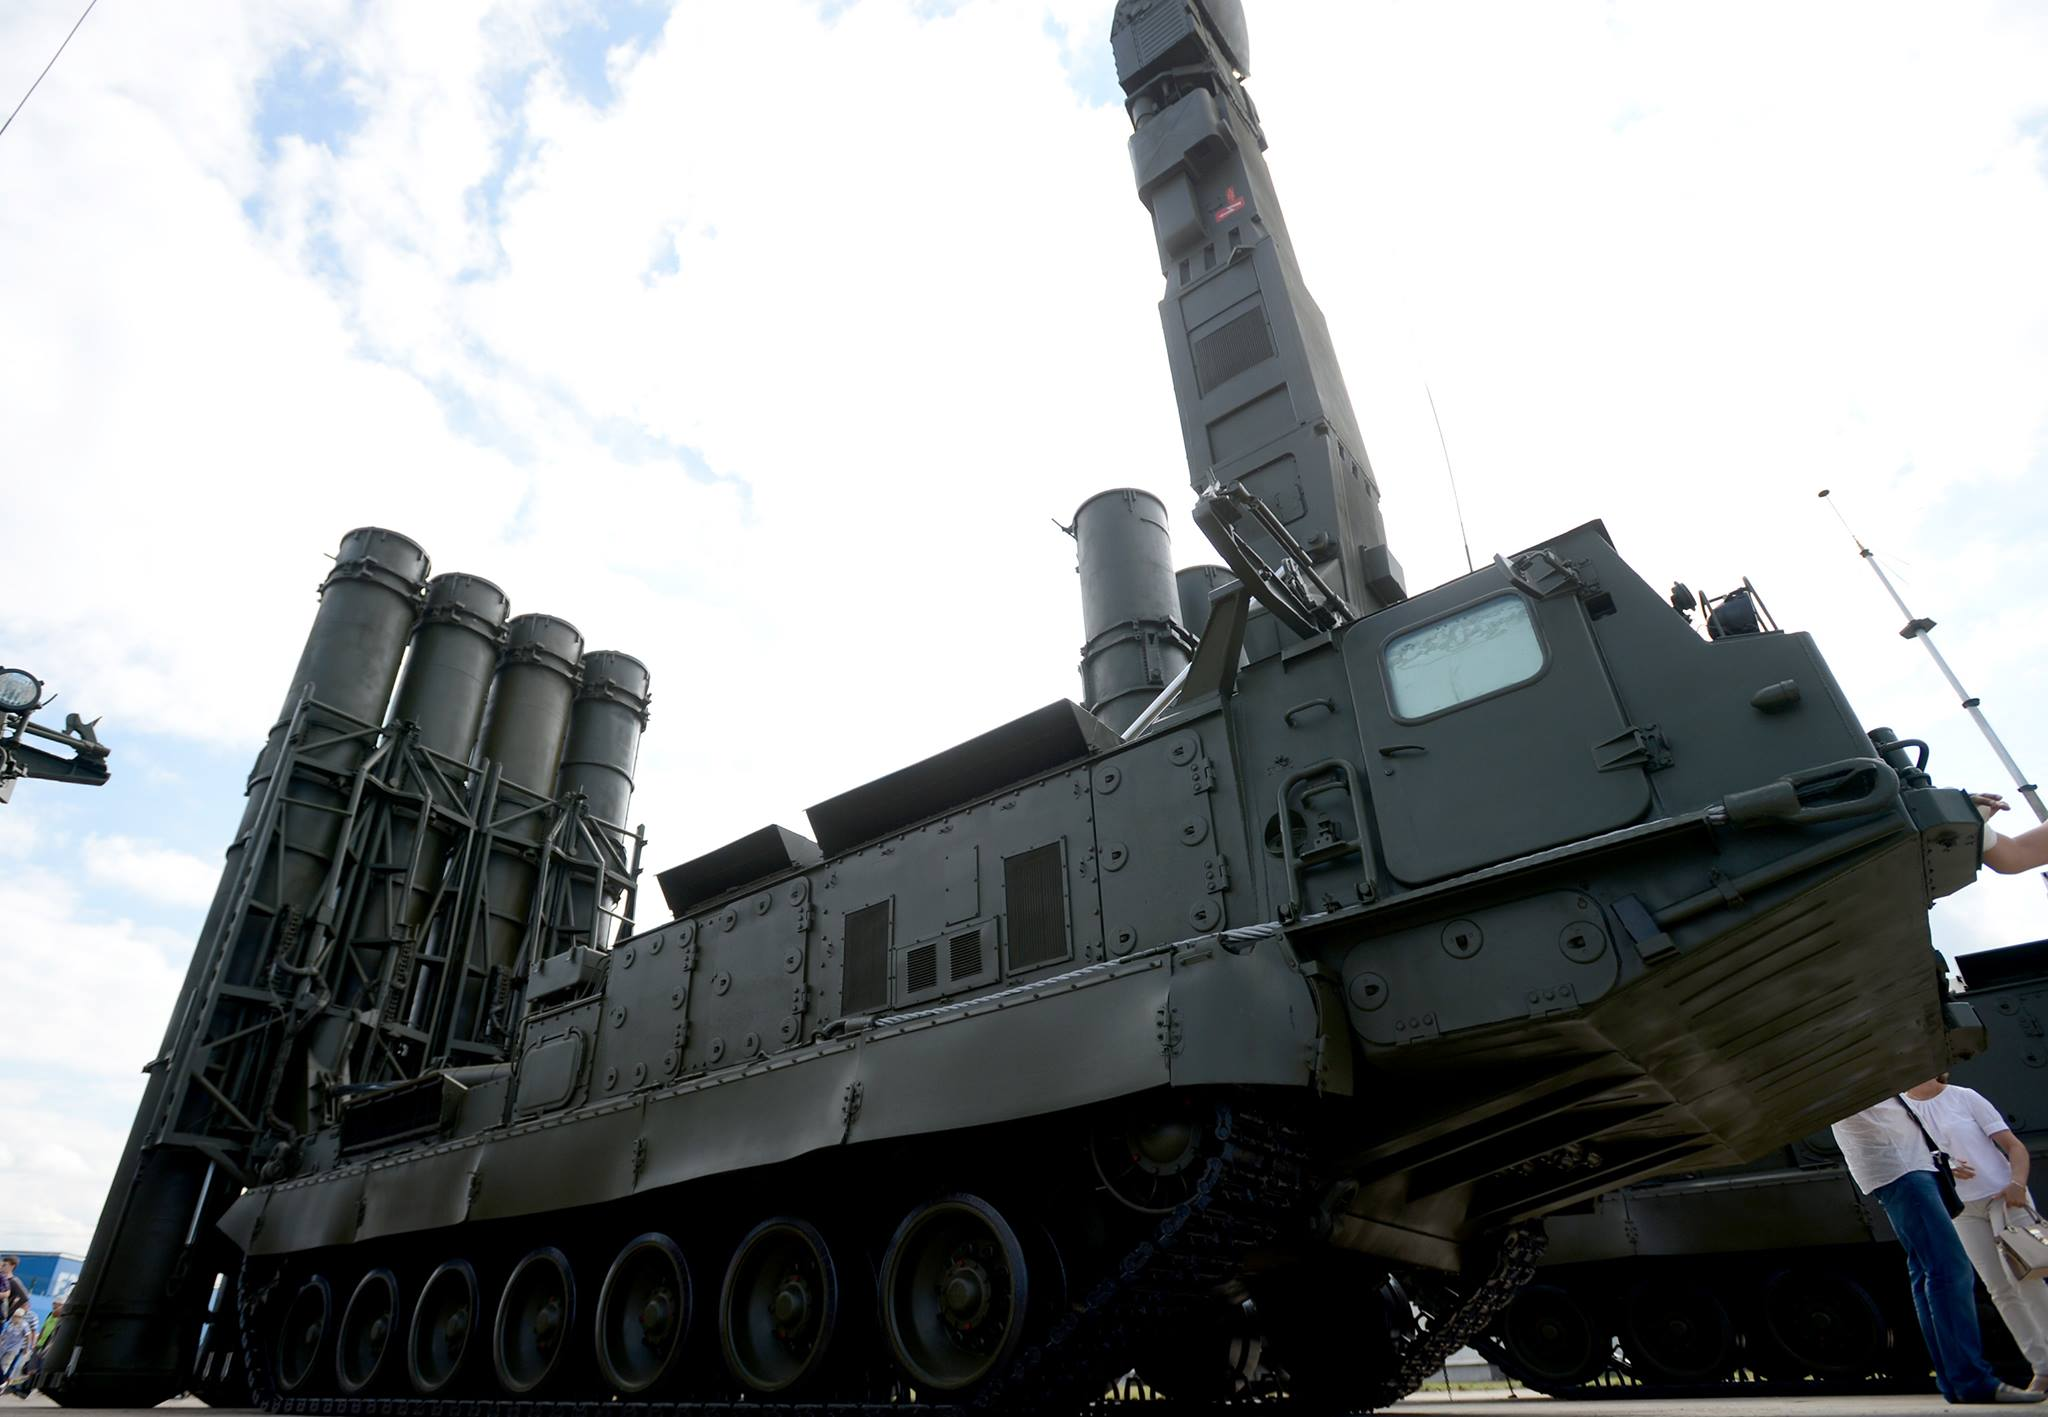 اتمام صفقة بيع منظومات S-400 الروسيه الى تركيا  20138135_1487356501326852_1677526959_o